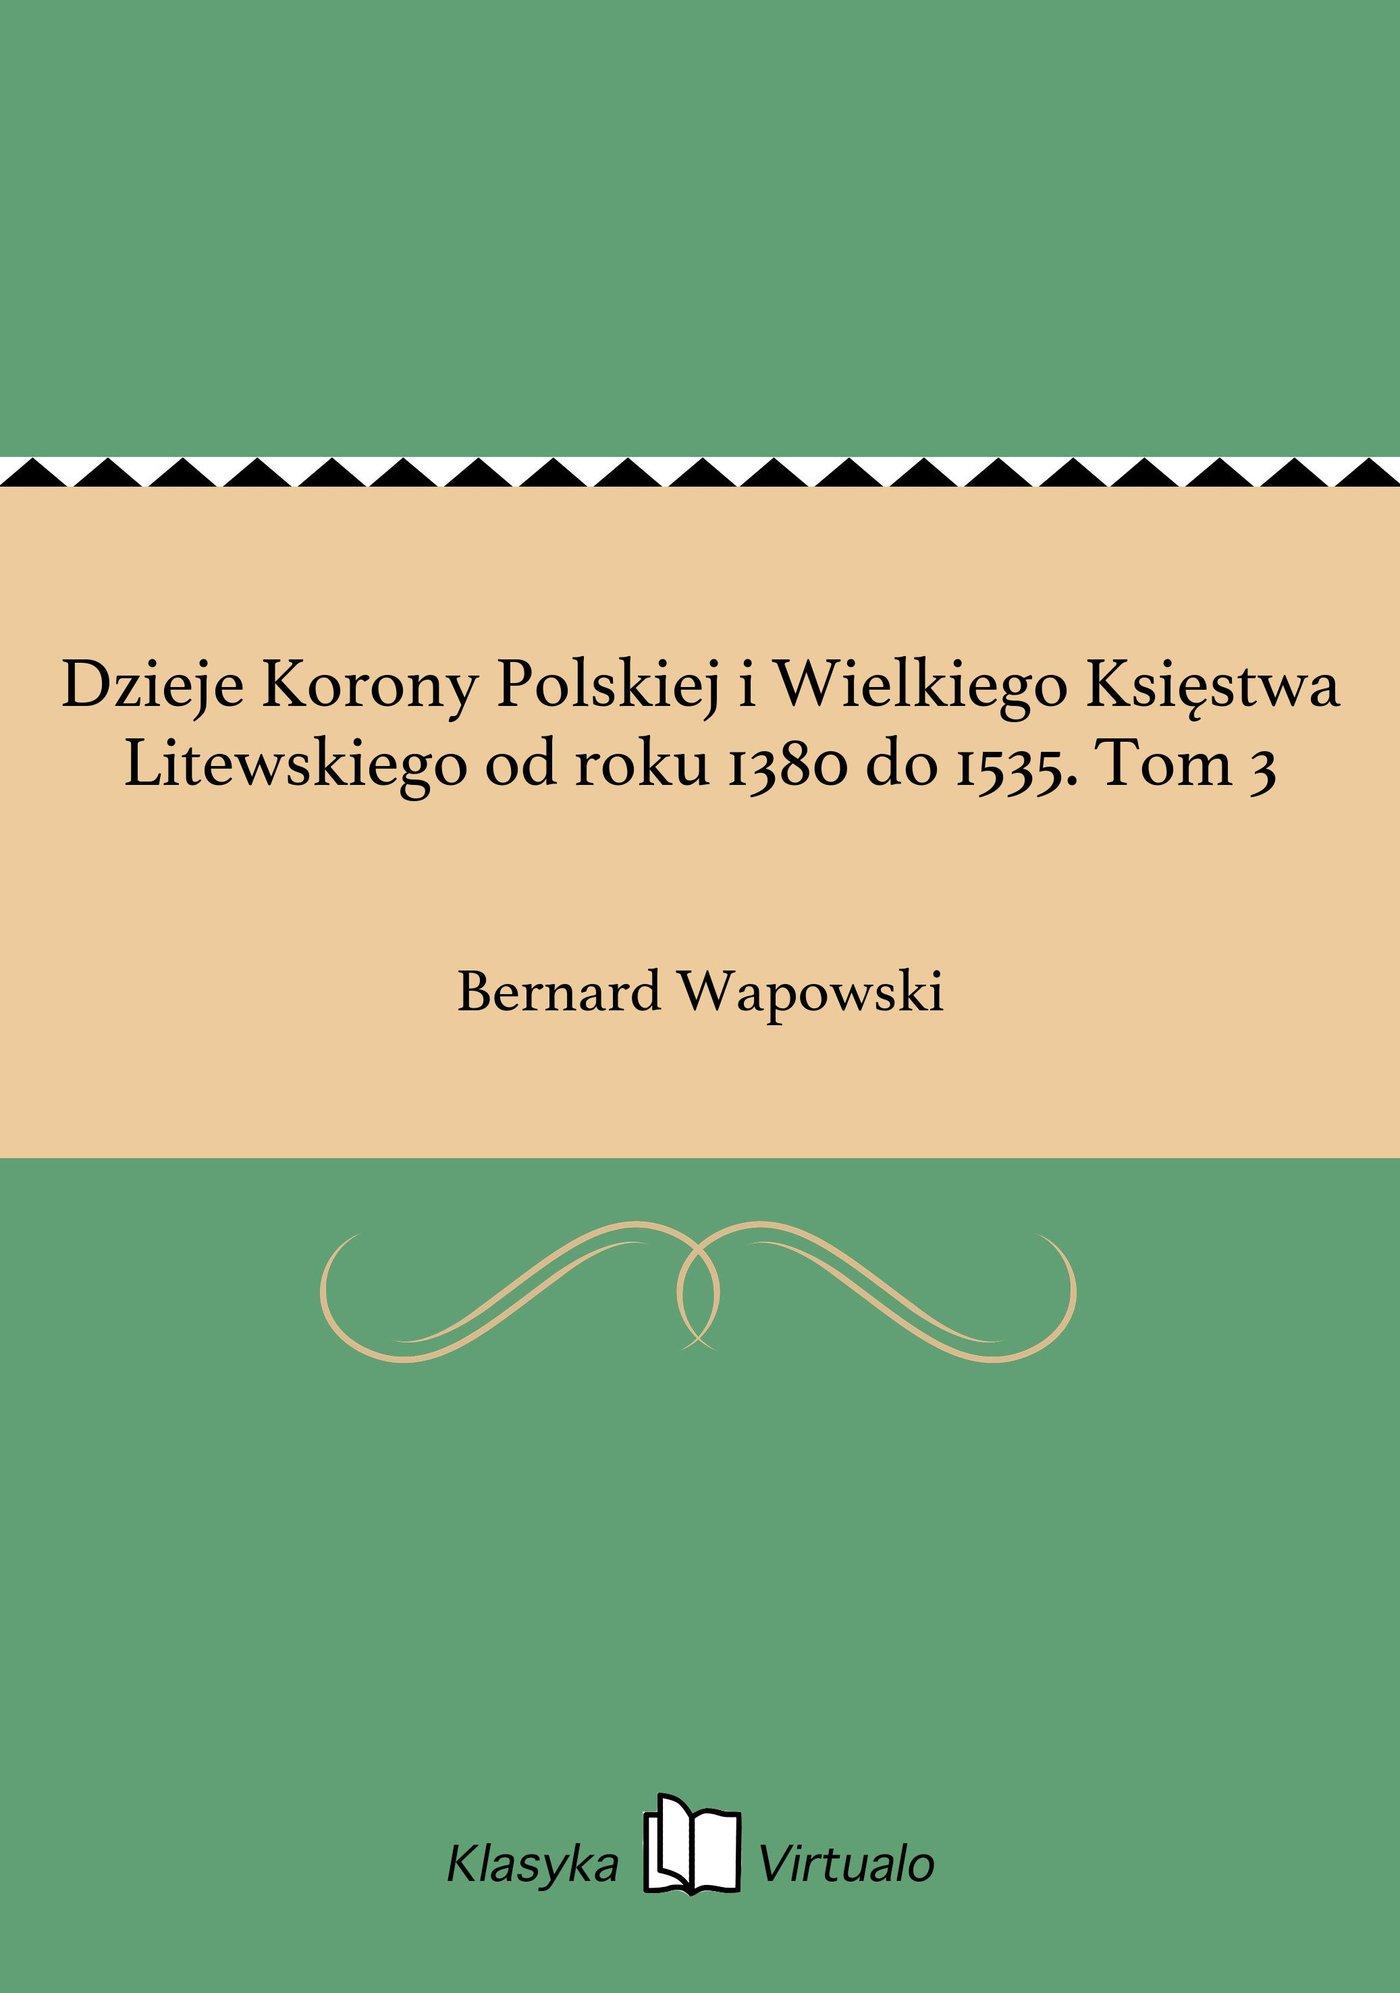 Dzieje Korony Polskiej i Wielkiego Księstwa Litewskiego od roku 1380 do 1535. Tom 3 - Ebook (Książka EPUB) do pobrania w formacie EPUB